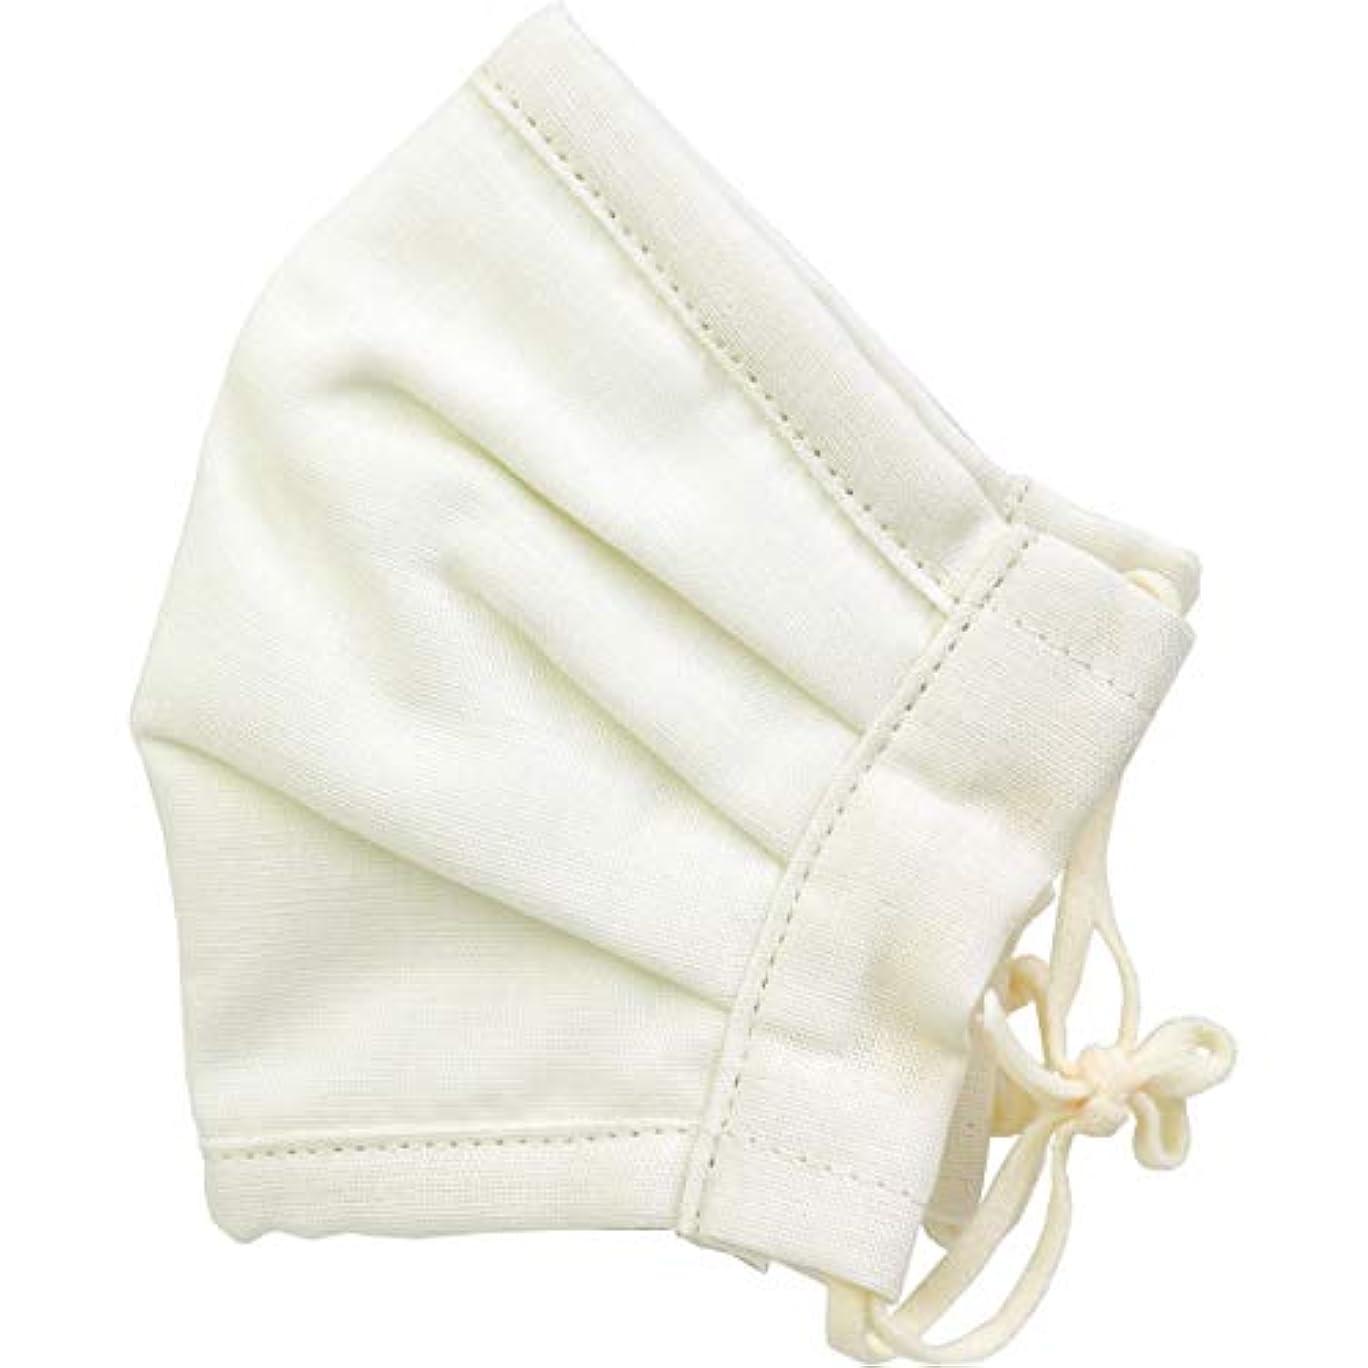 接ぎ木複数典型的なさらふわマスクダイヤドビー 敏感肌用 アイボリー ふつうサイズ 1枚入(単品)